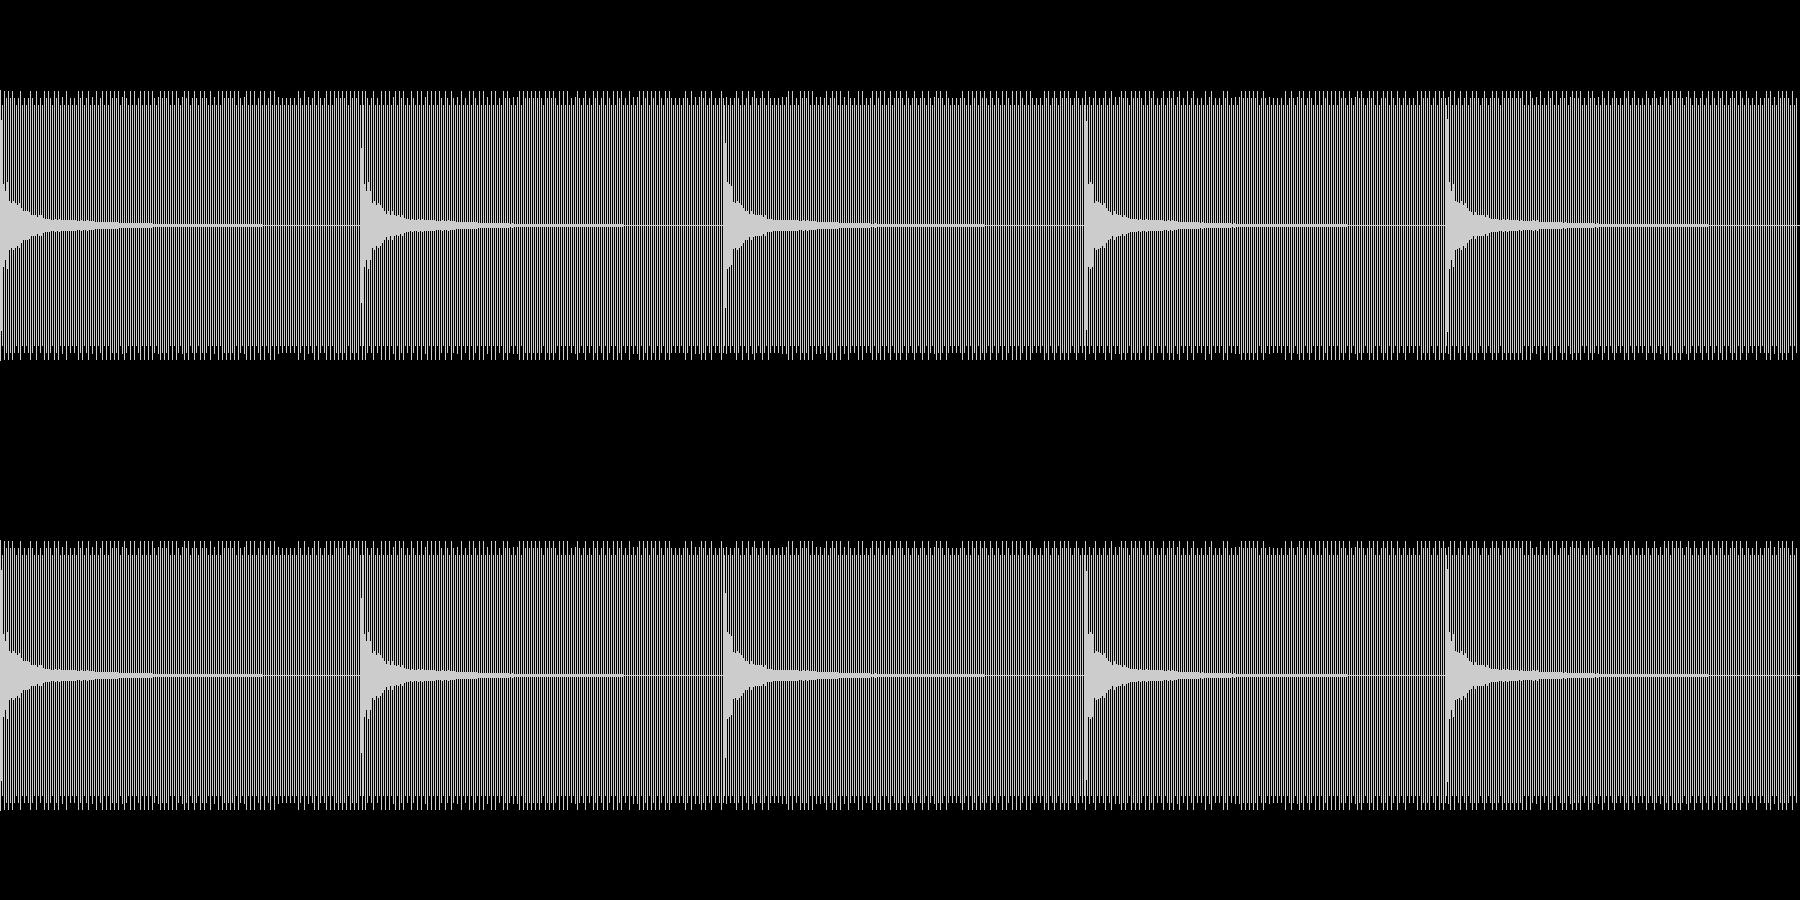 秒針と同じ速さ(1秒に1回)の未再生の波形